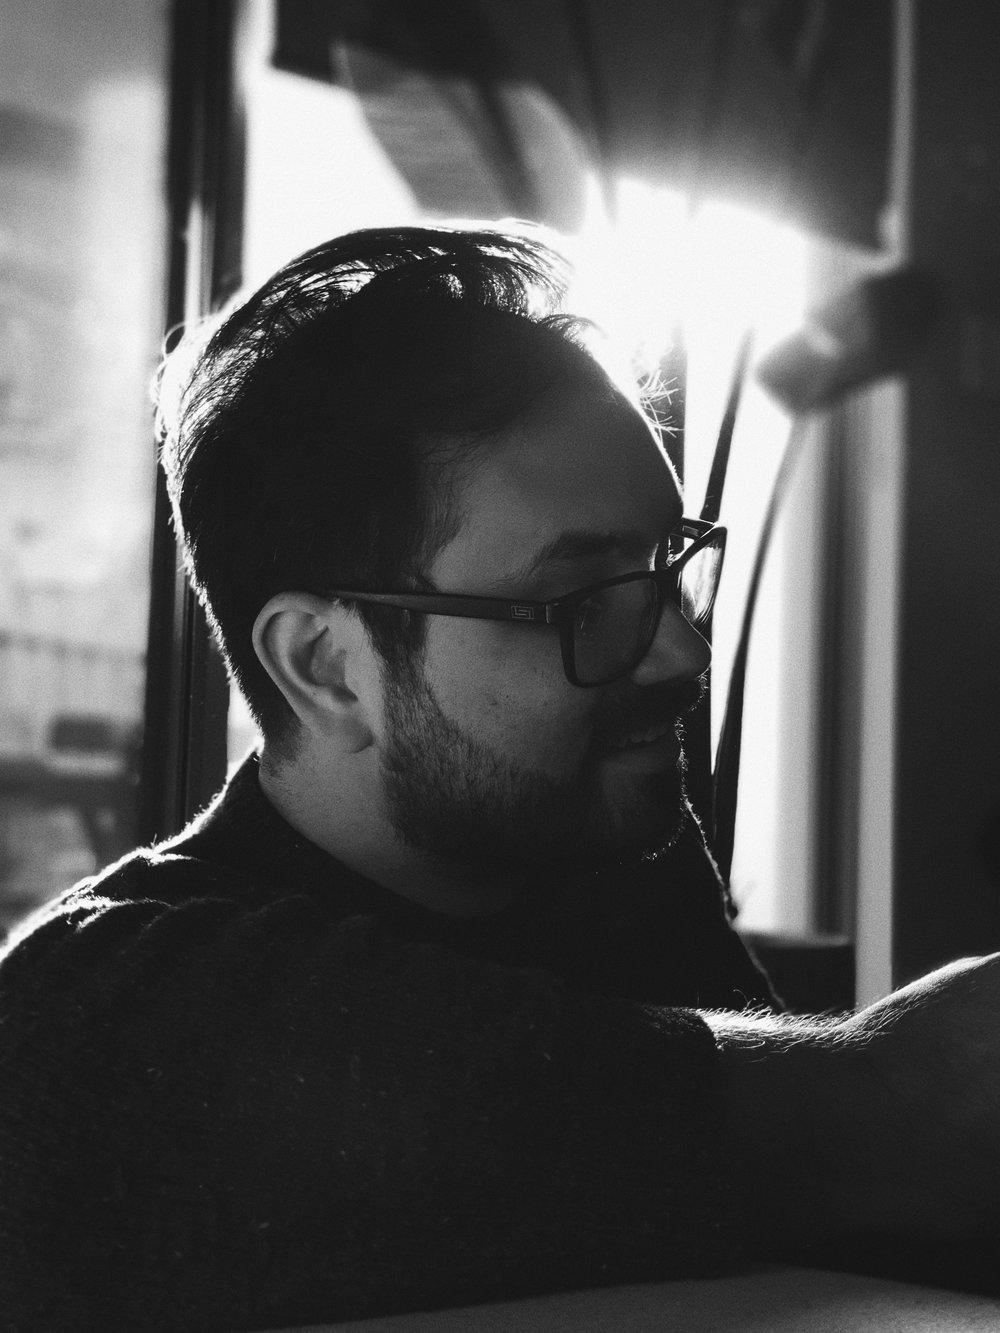 Producer Dan Thom